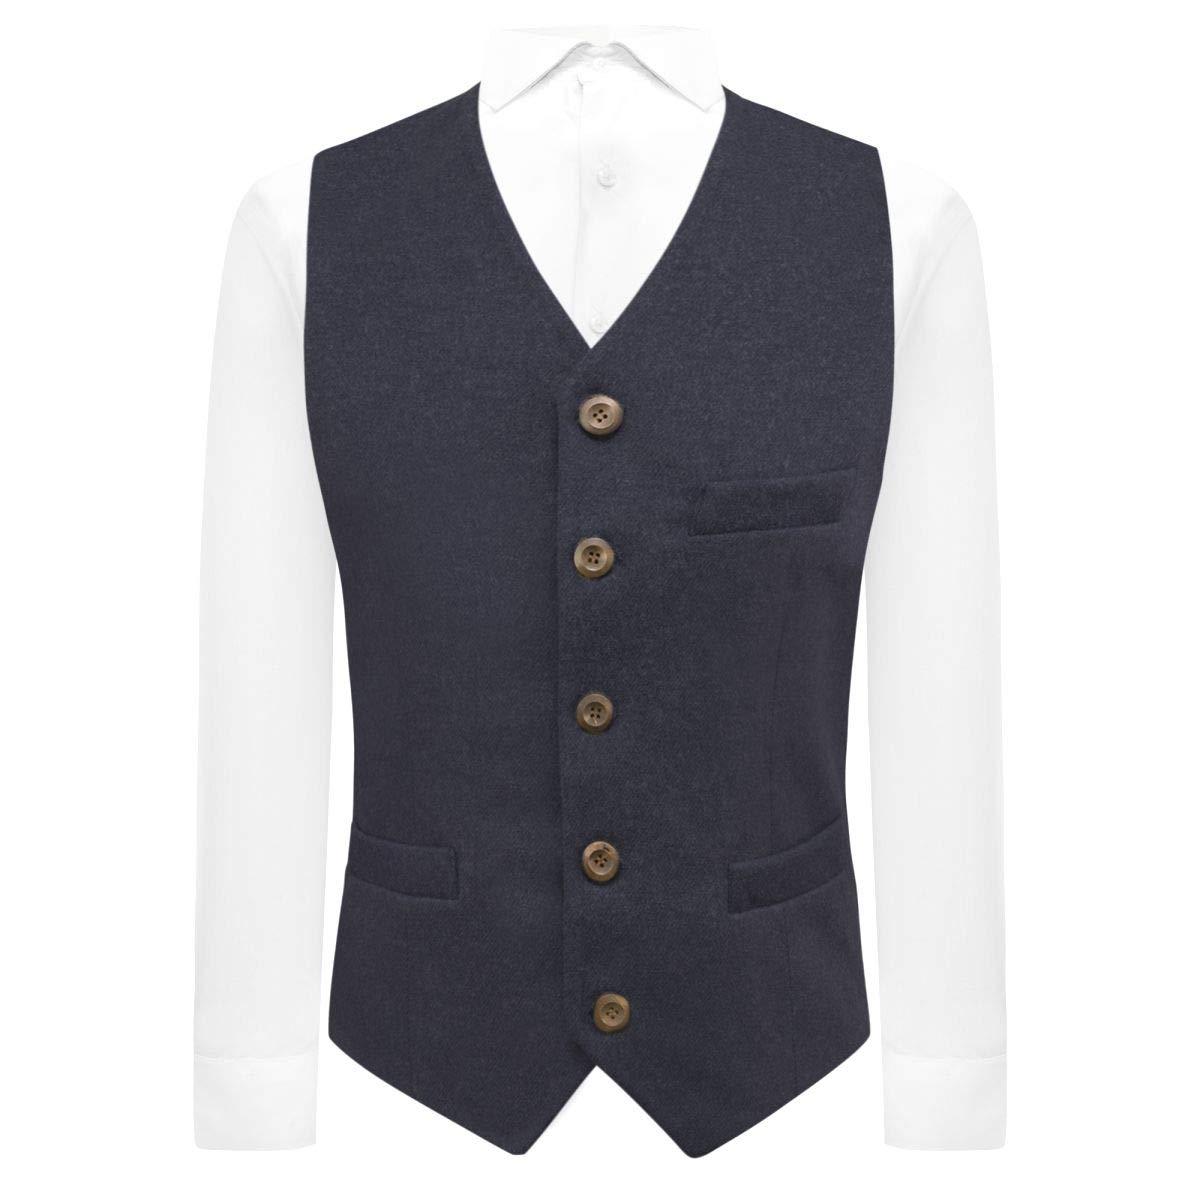 King /& Priory Luxury Navy Blue Donegal Tweed Waistcoat